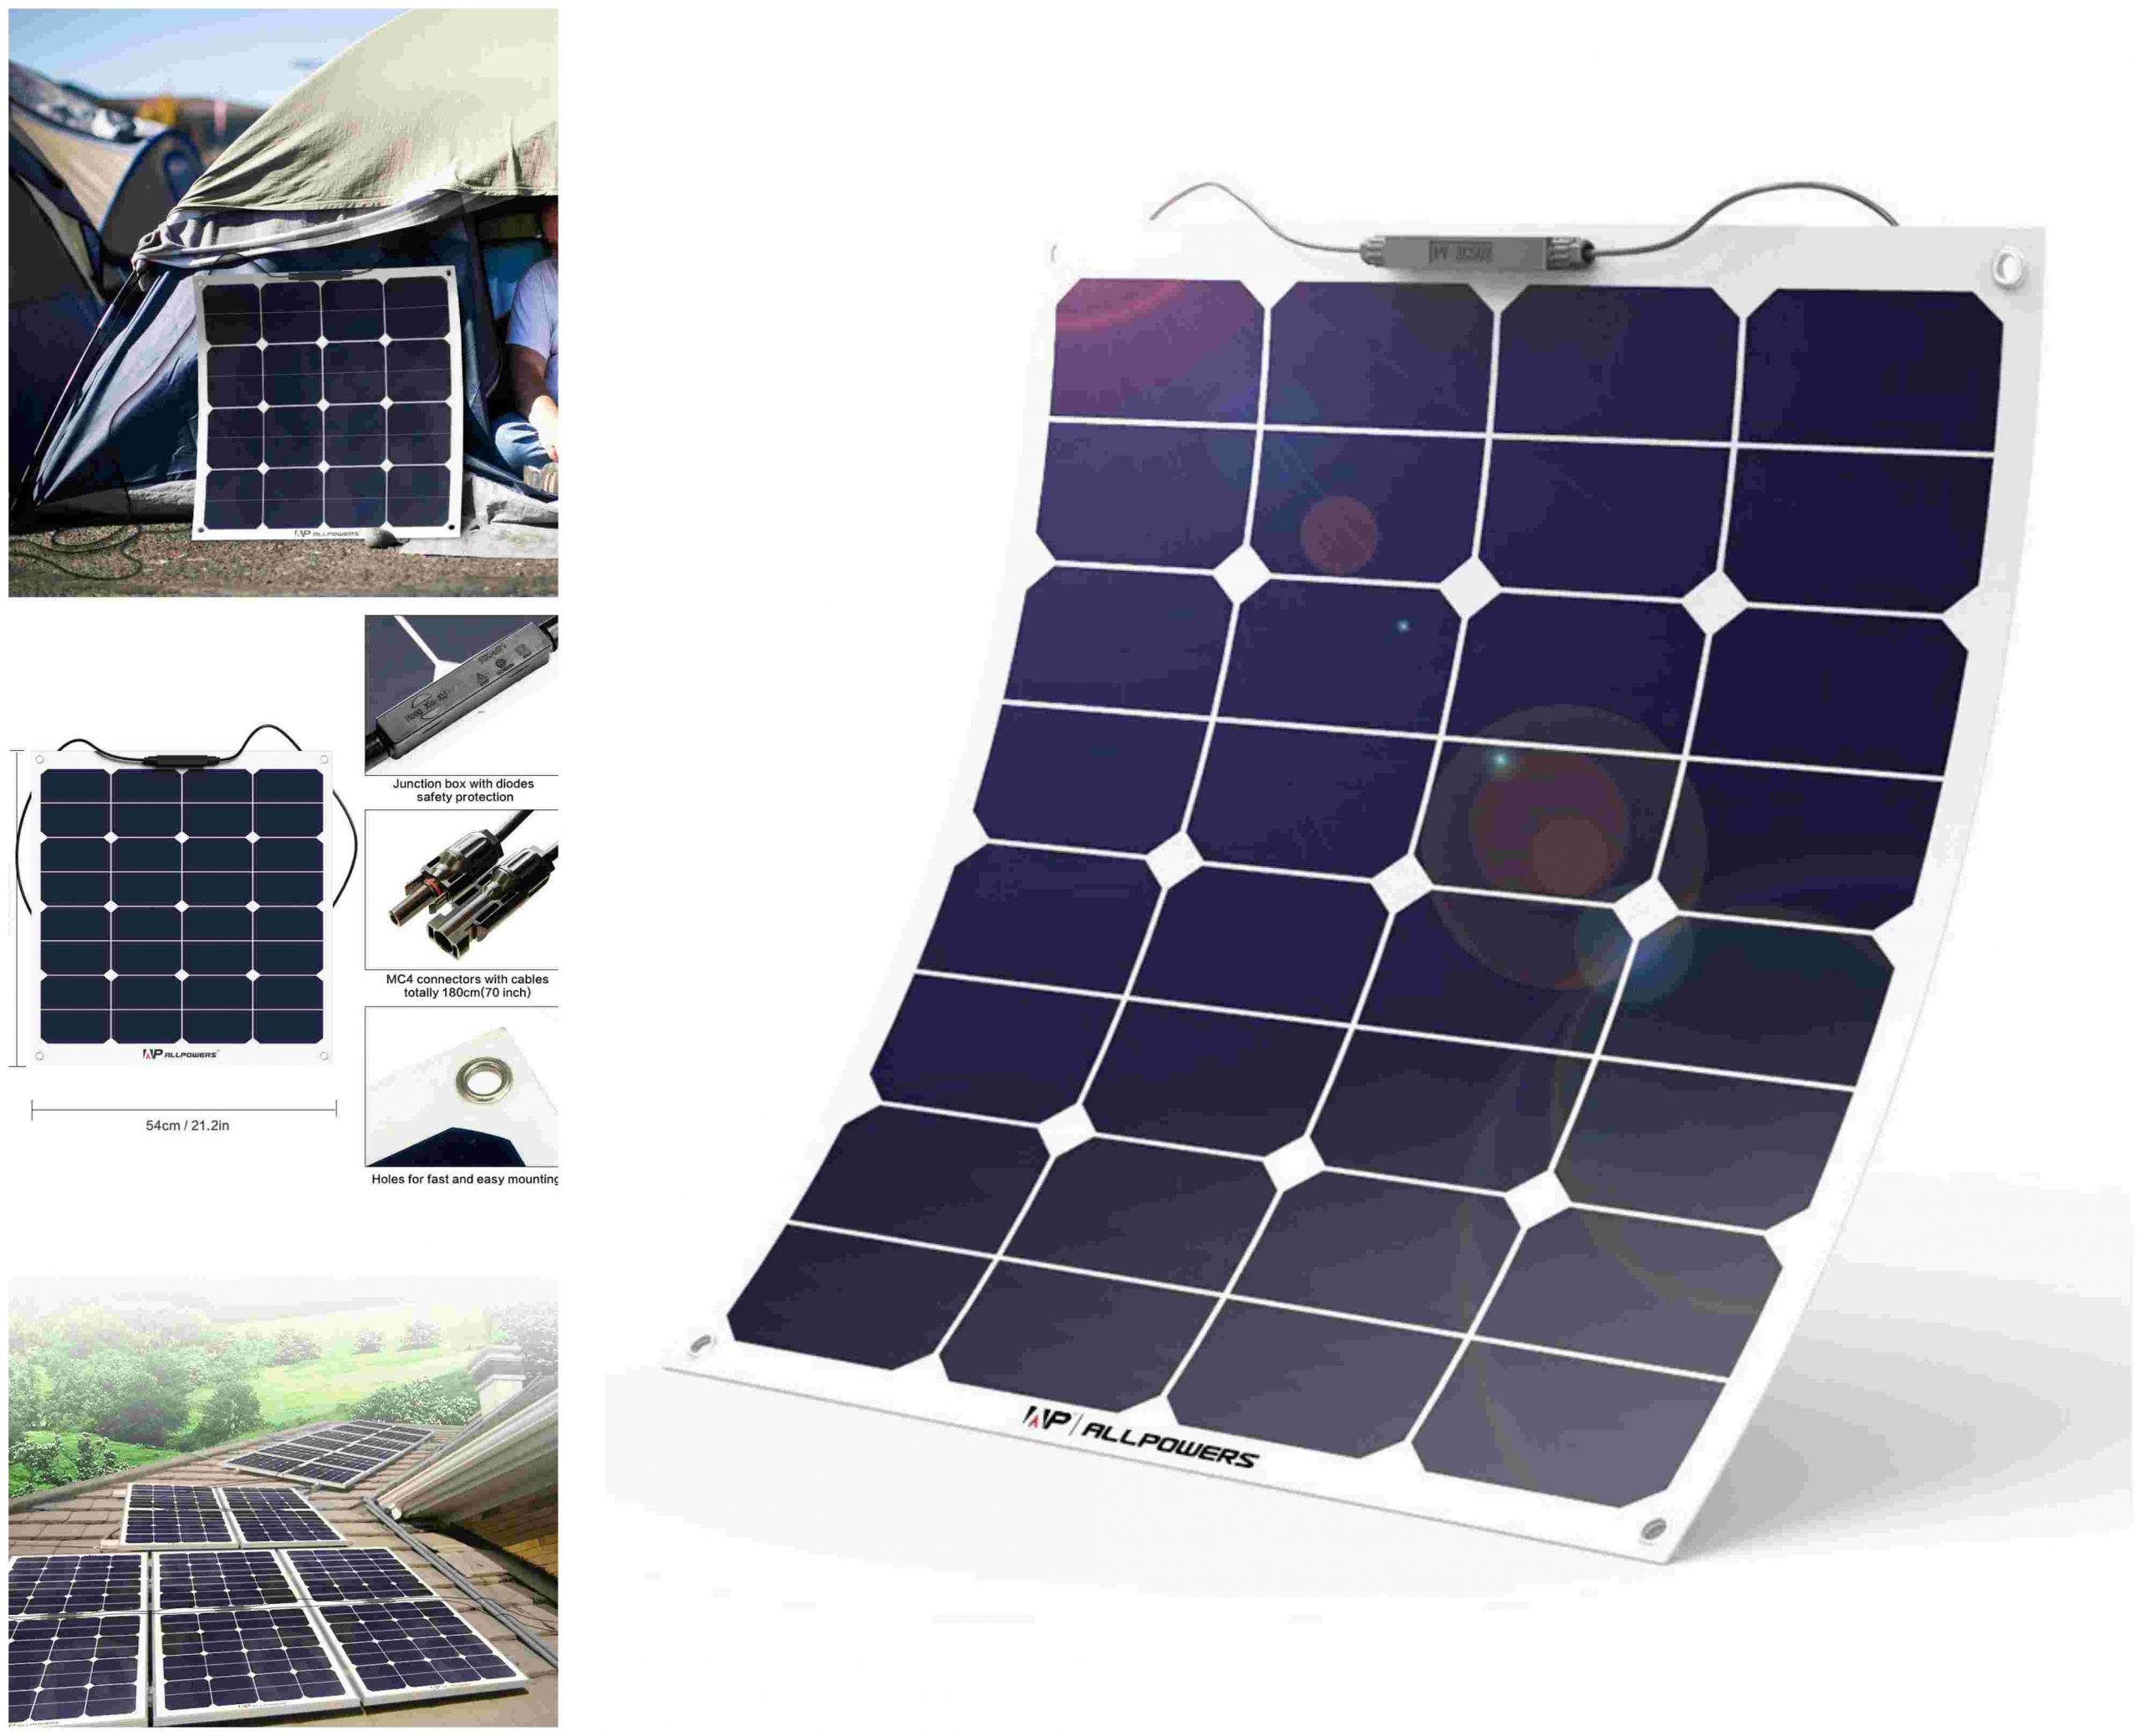 panel-solar-flexible-modelo-allpowers-uno-de-los-mejores-de-amazon